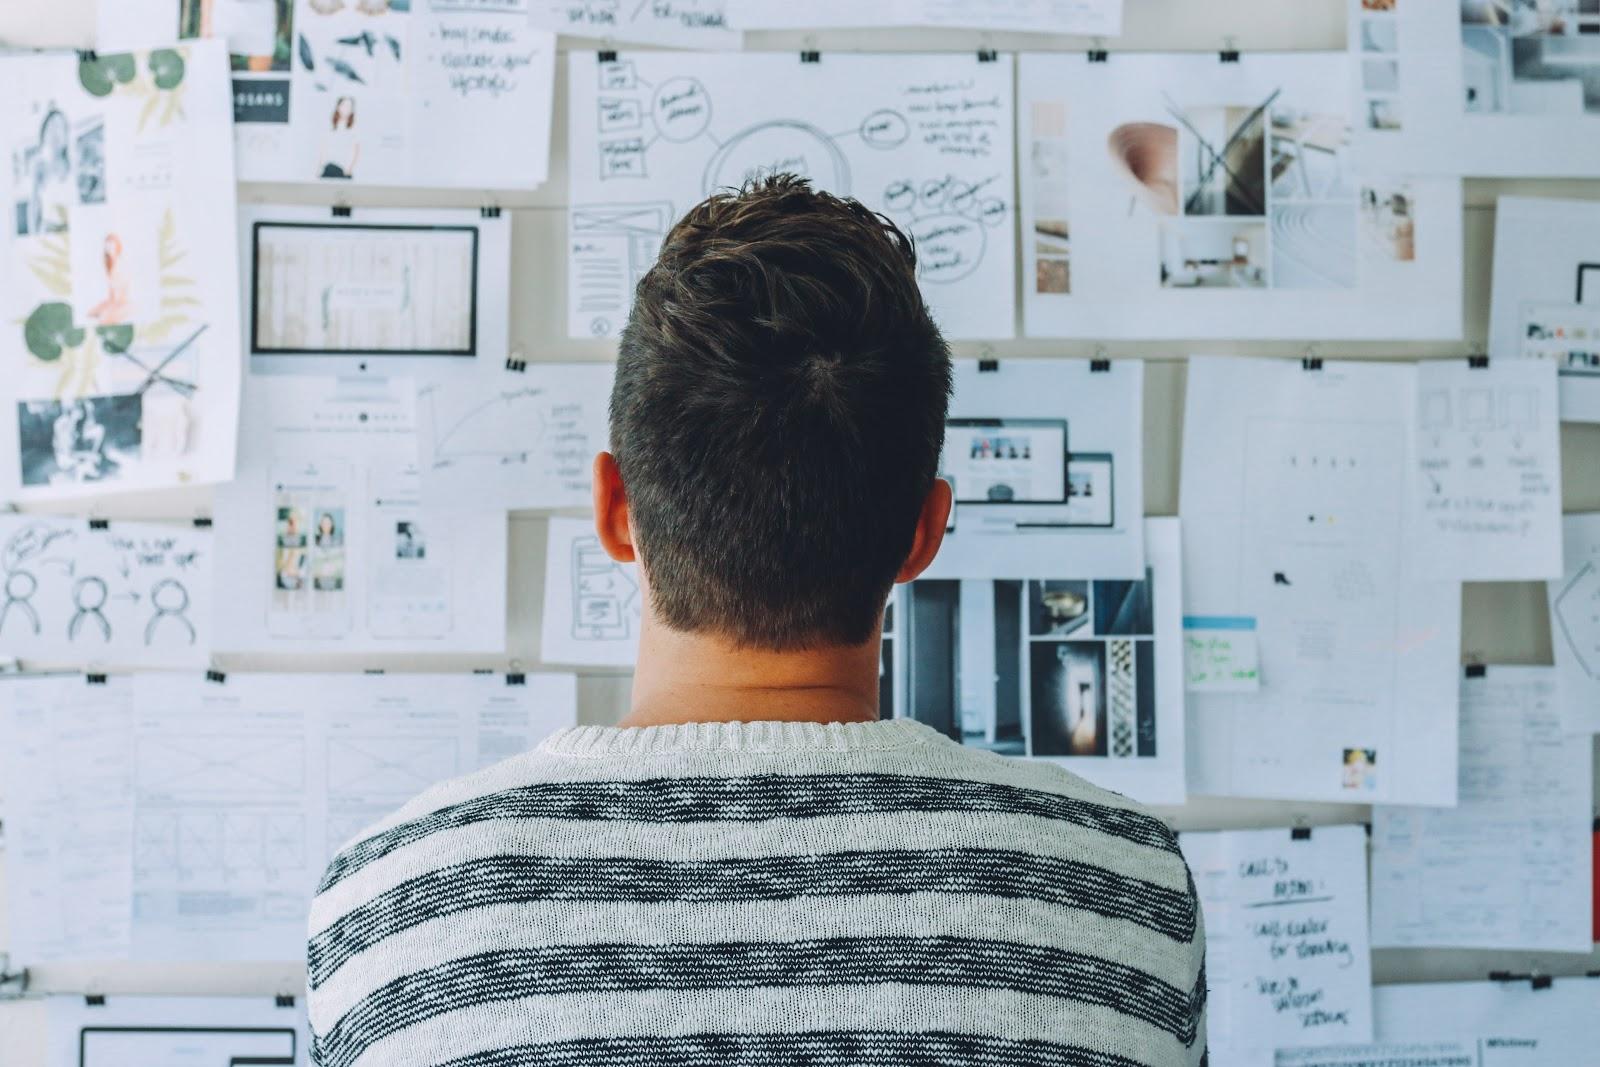 Um homem observando uma parede com anotações em papeis.